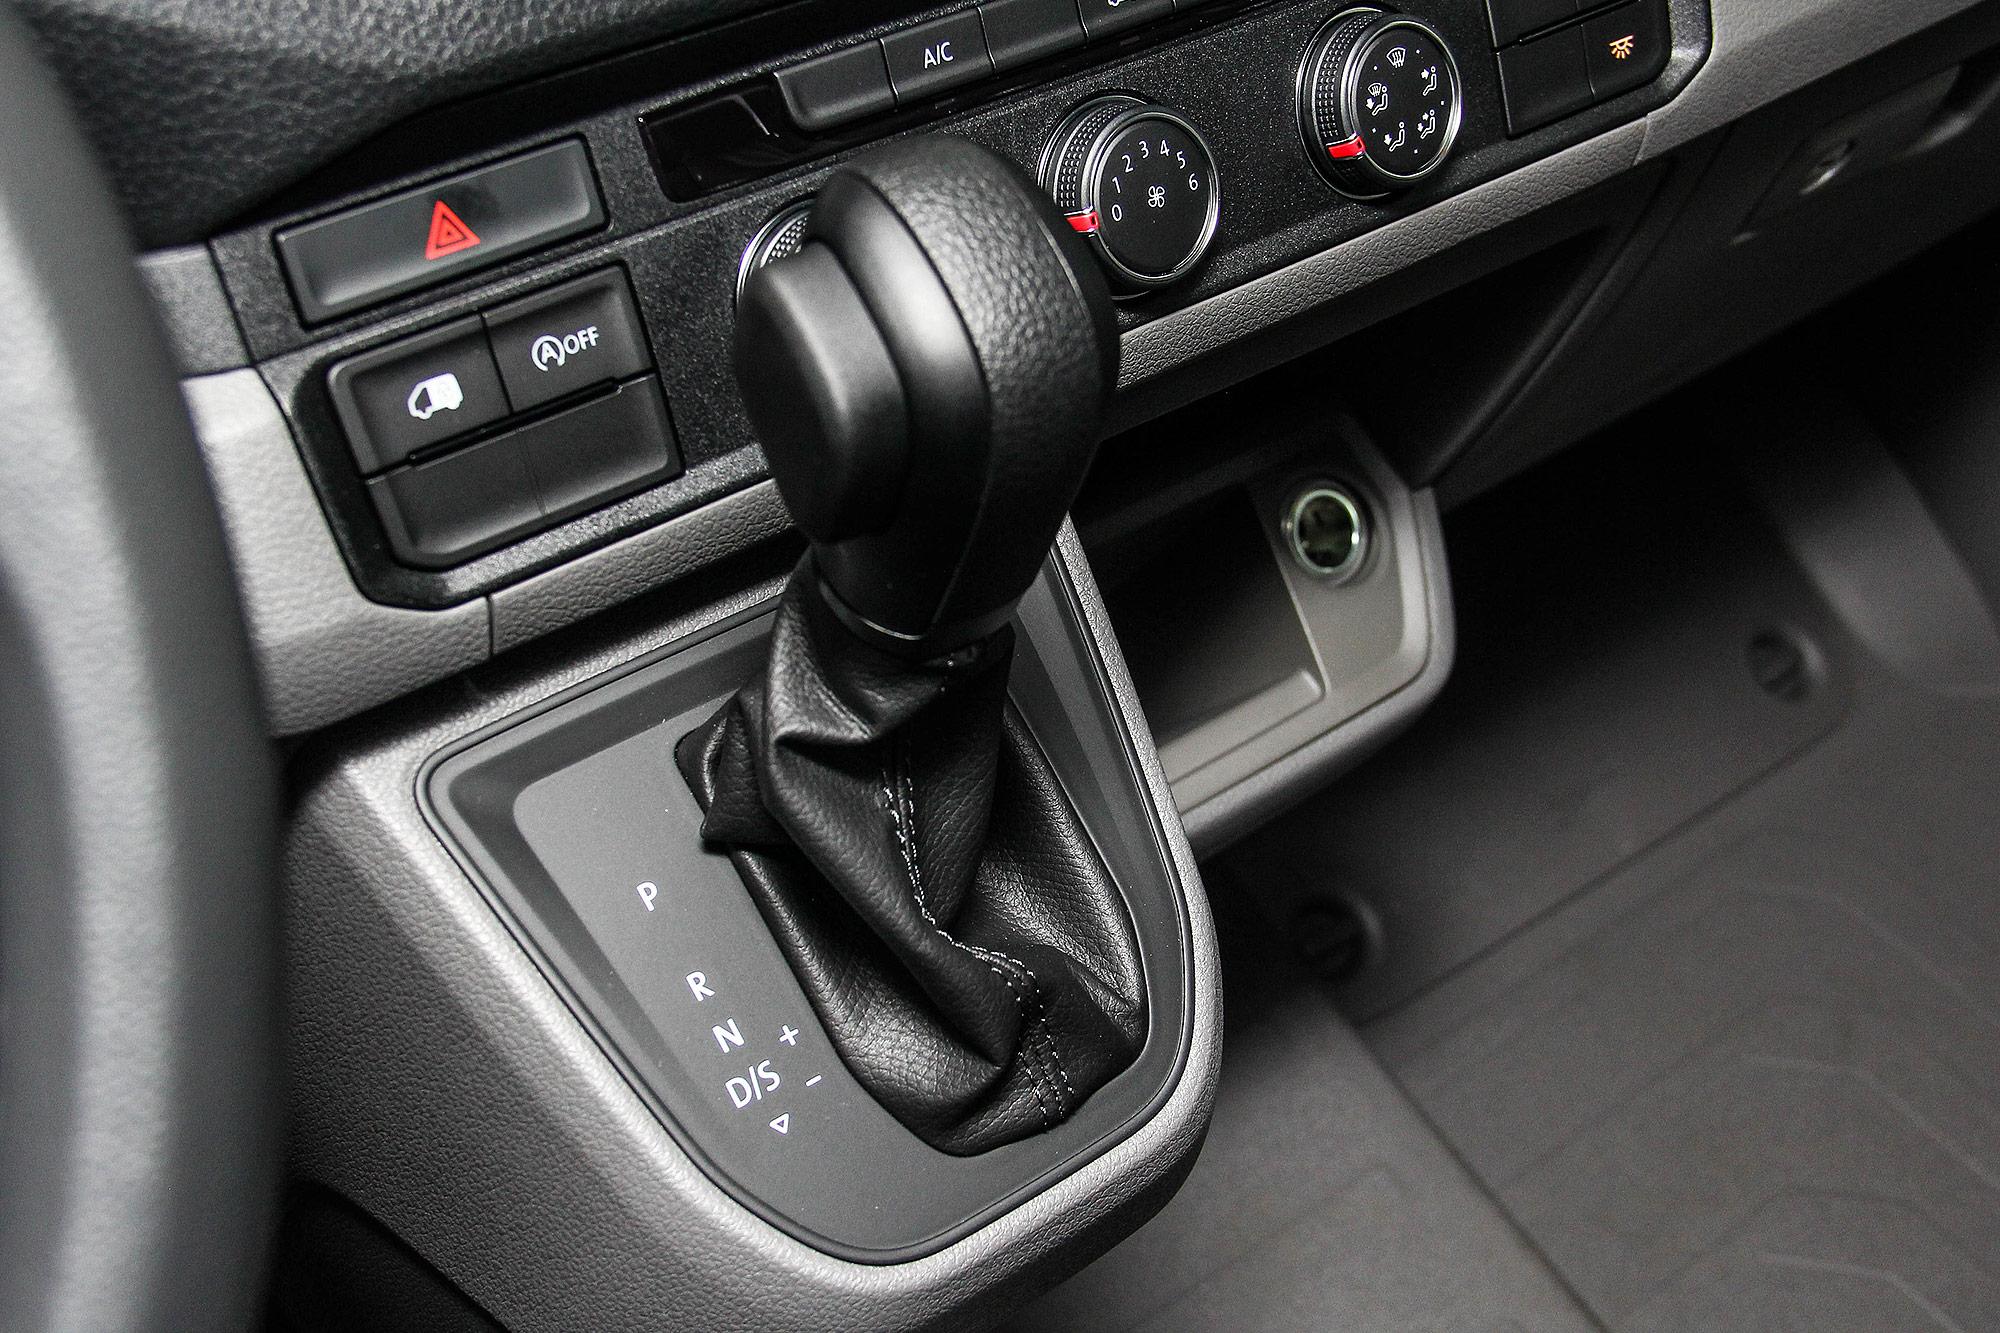 長軸高頂車型配備 8 速 Tiptronic 手自排變速箱。